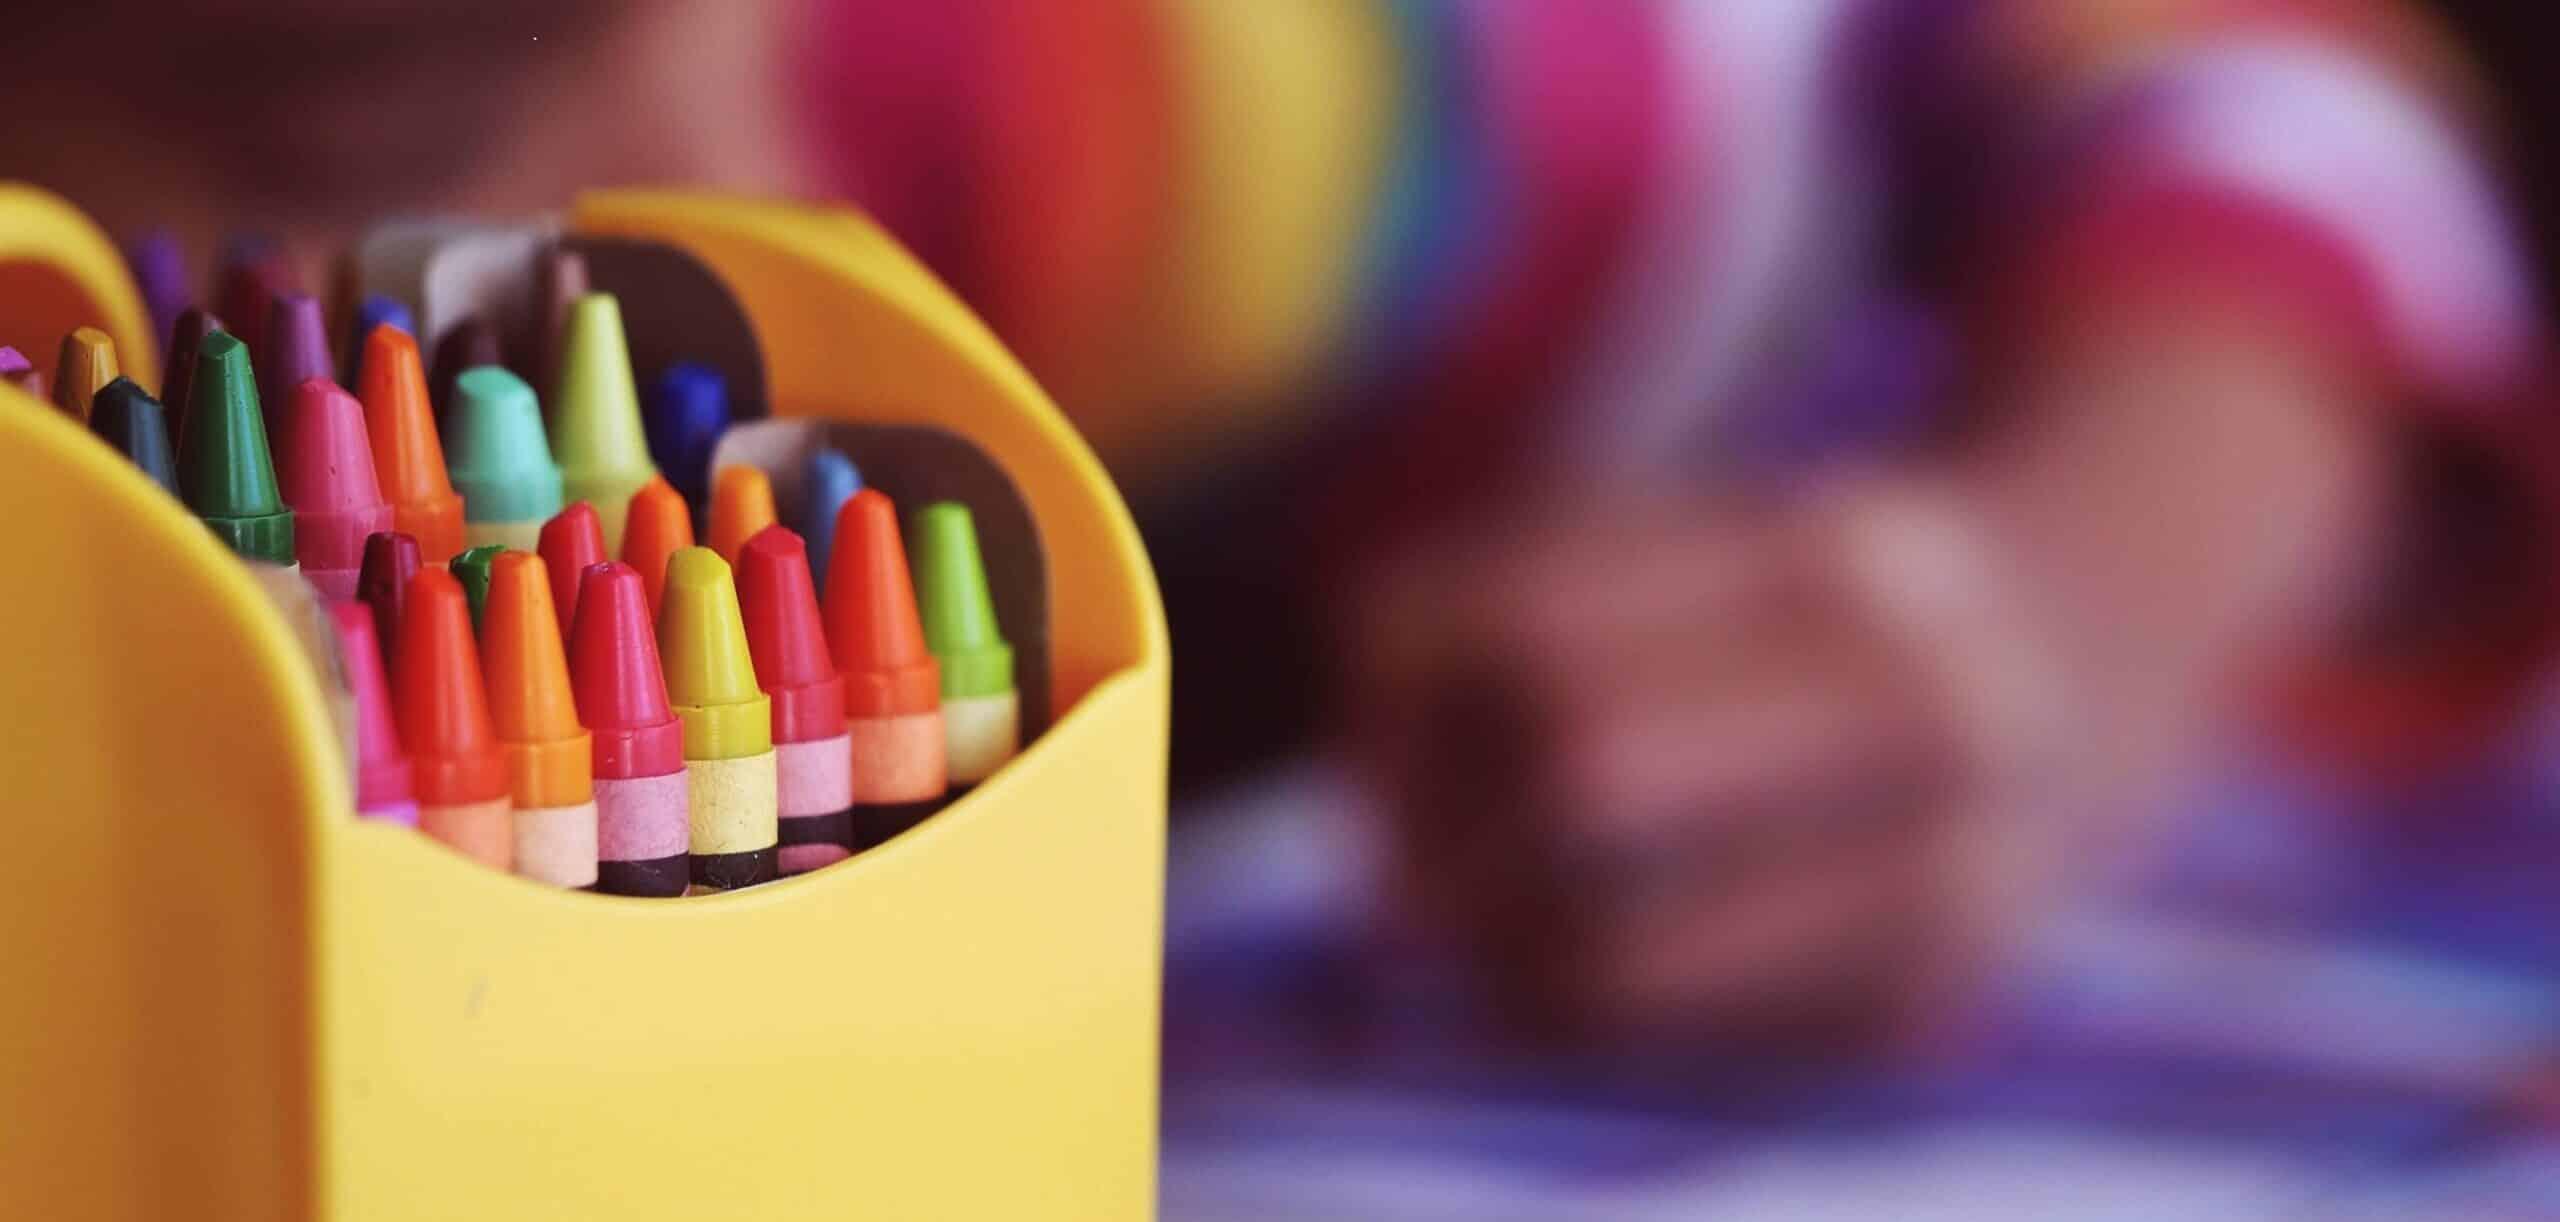 Niño coloreando con lápices de colores- venta de libros para colorear